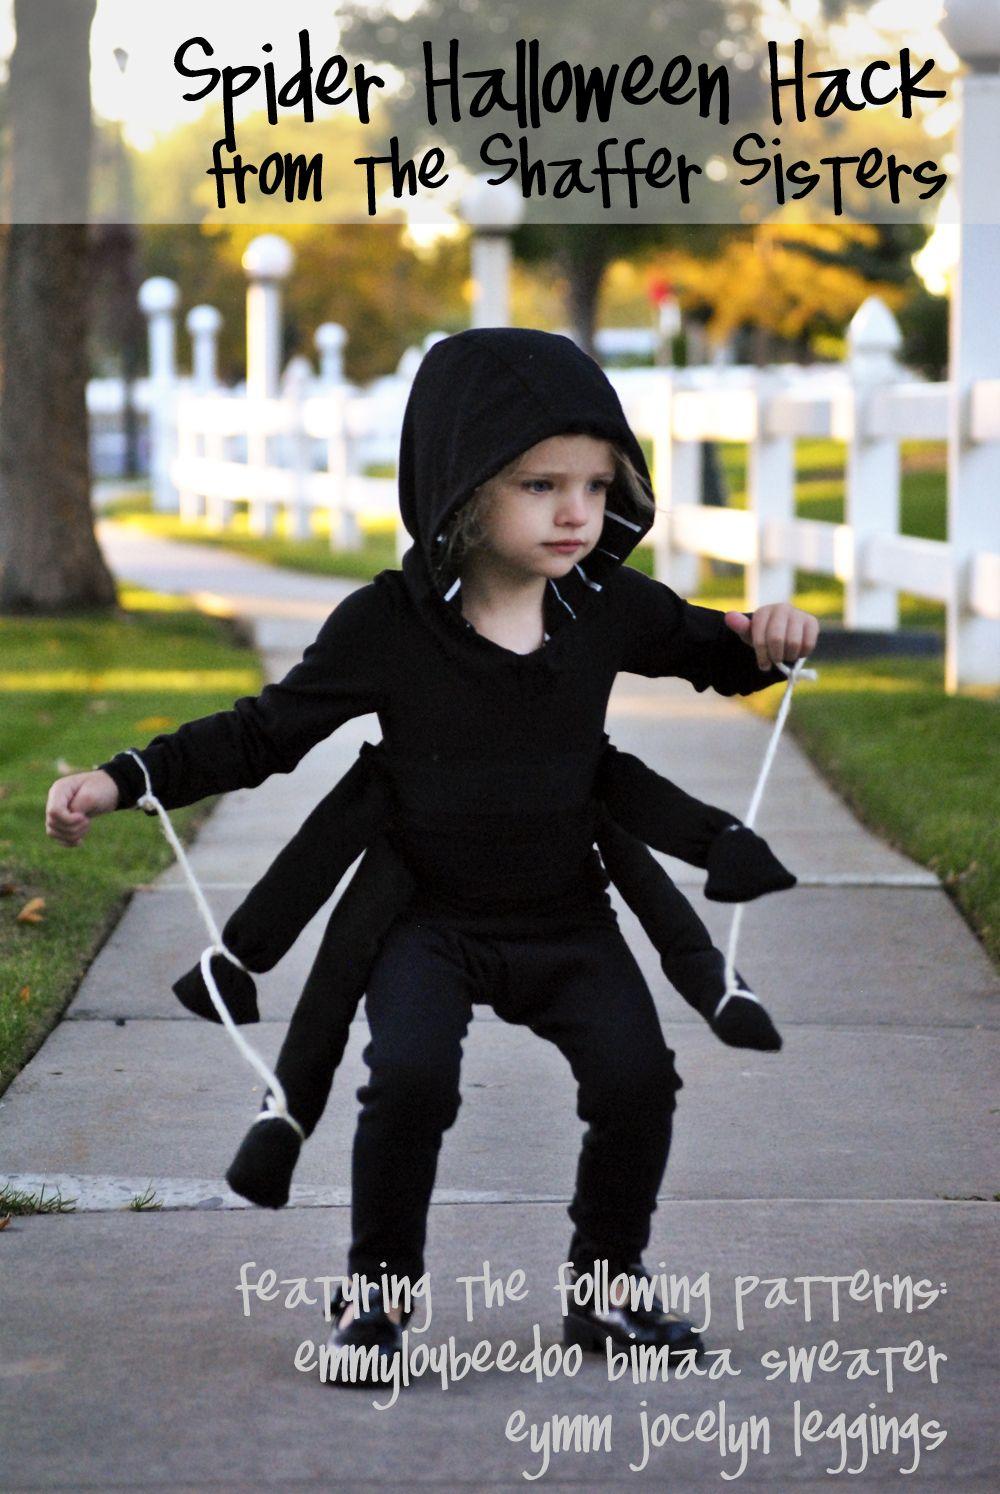 Verkleidung Halloween Kinder Frisch Shaffer Sisters Spider Costume Speedy Gonzales Halloween